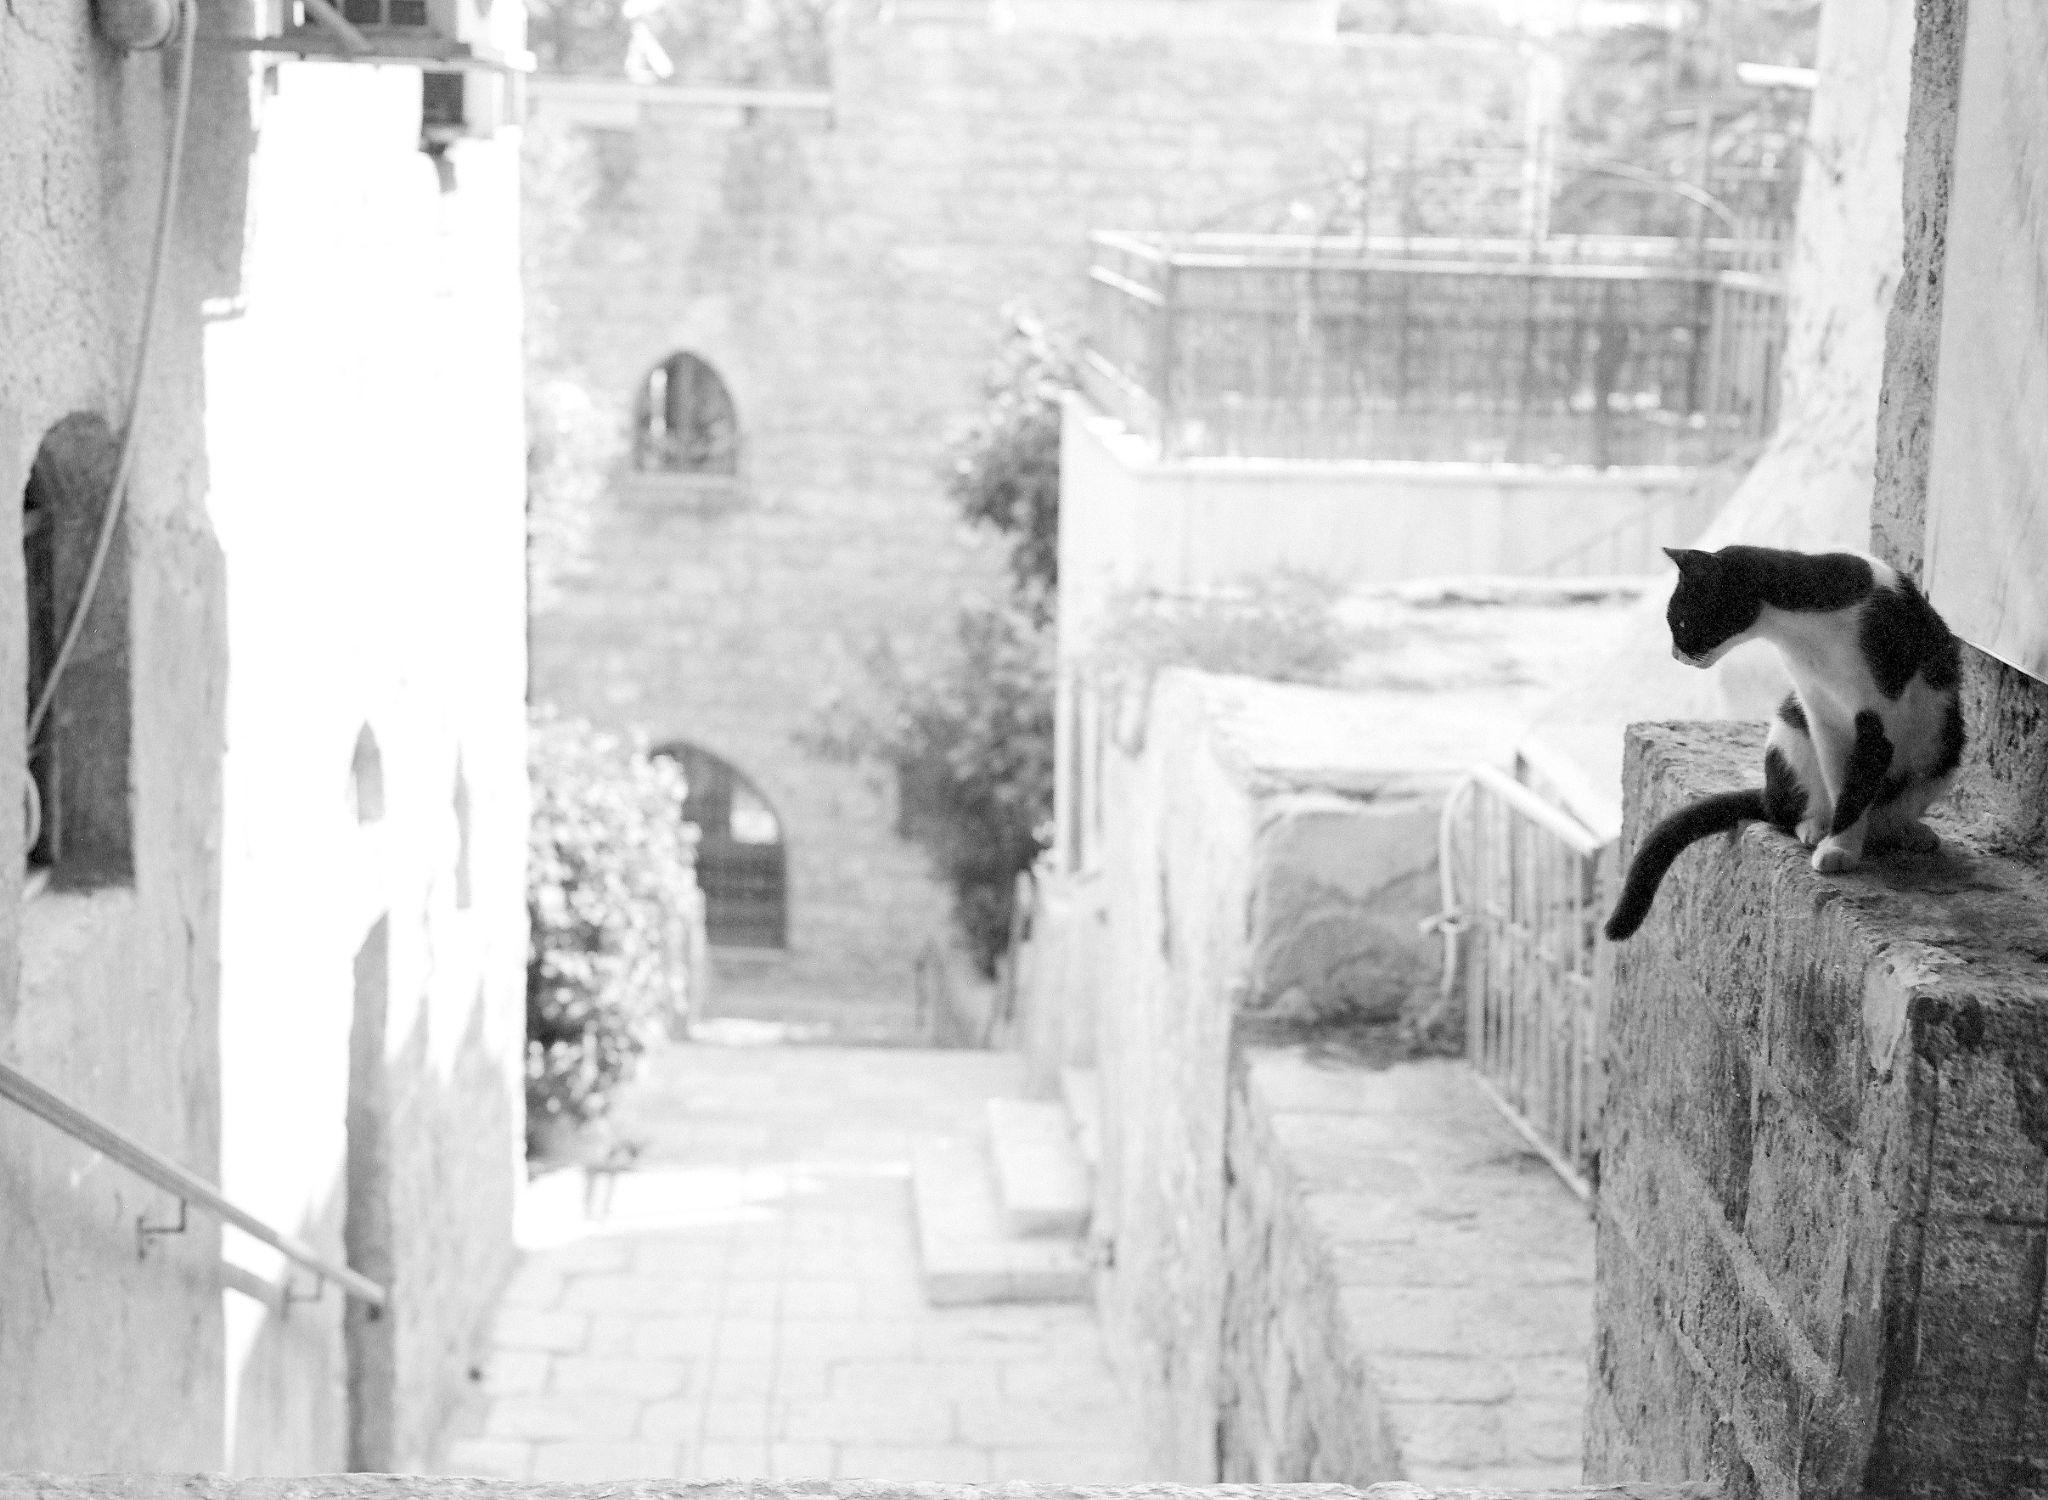 Old Jaffa, Israel by Vadim Becker